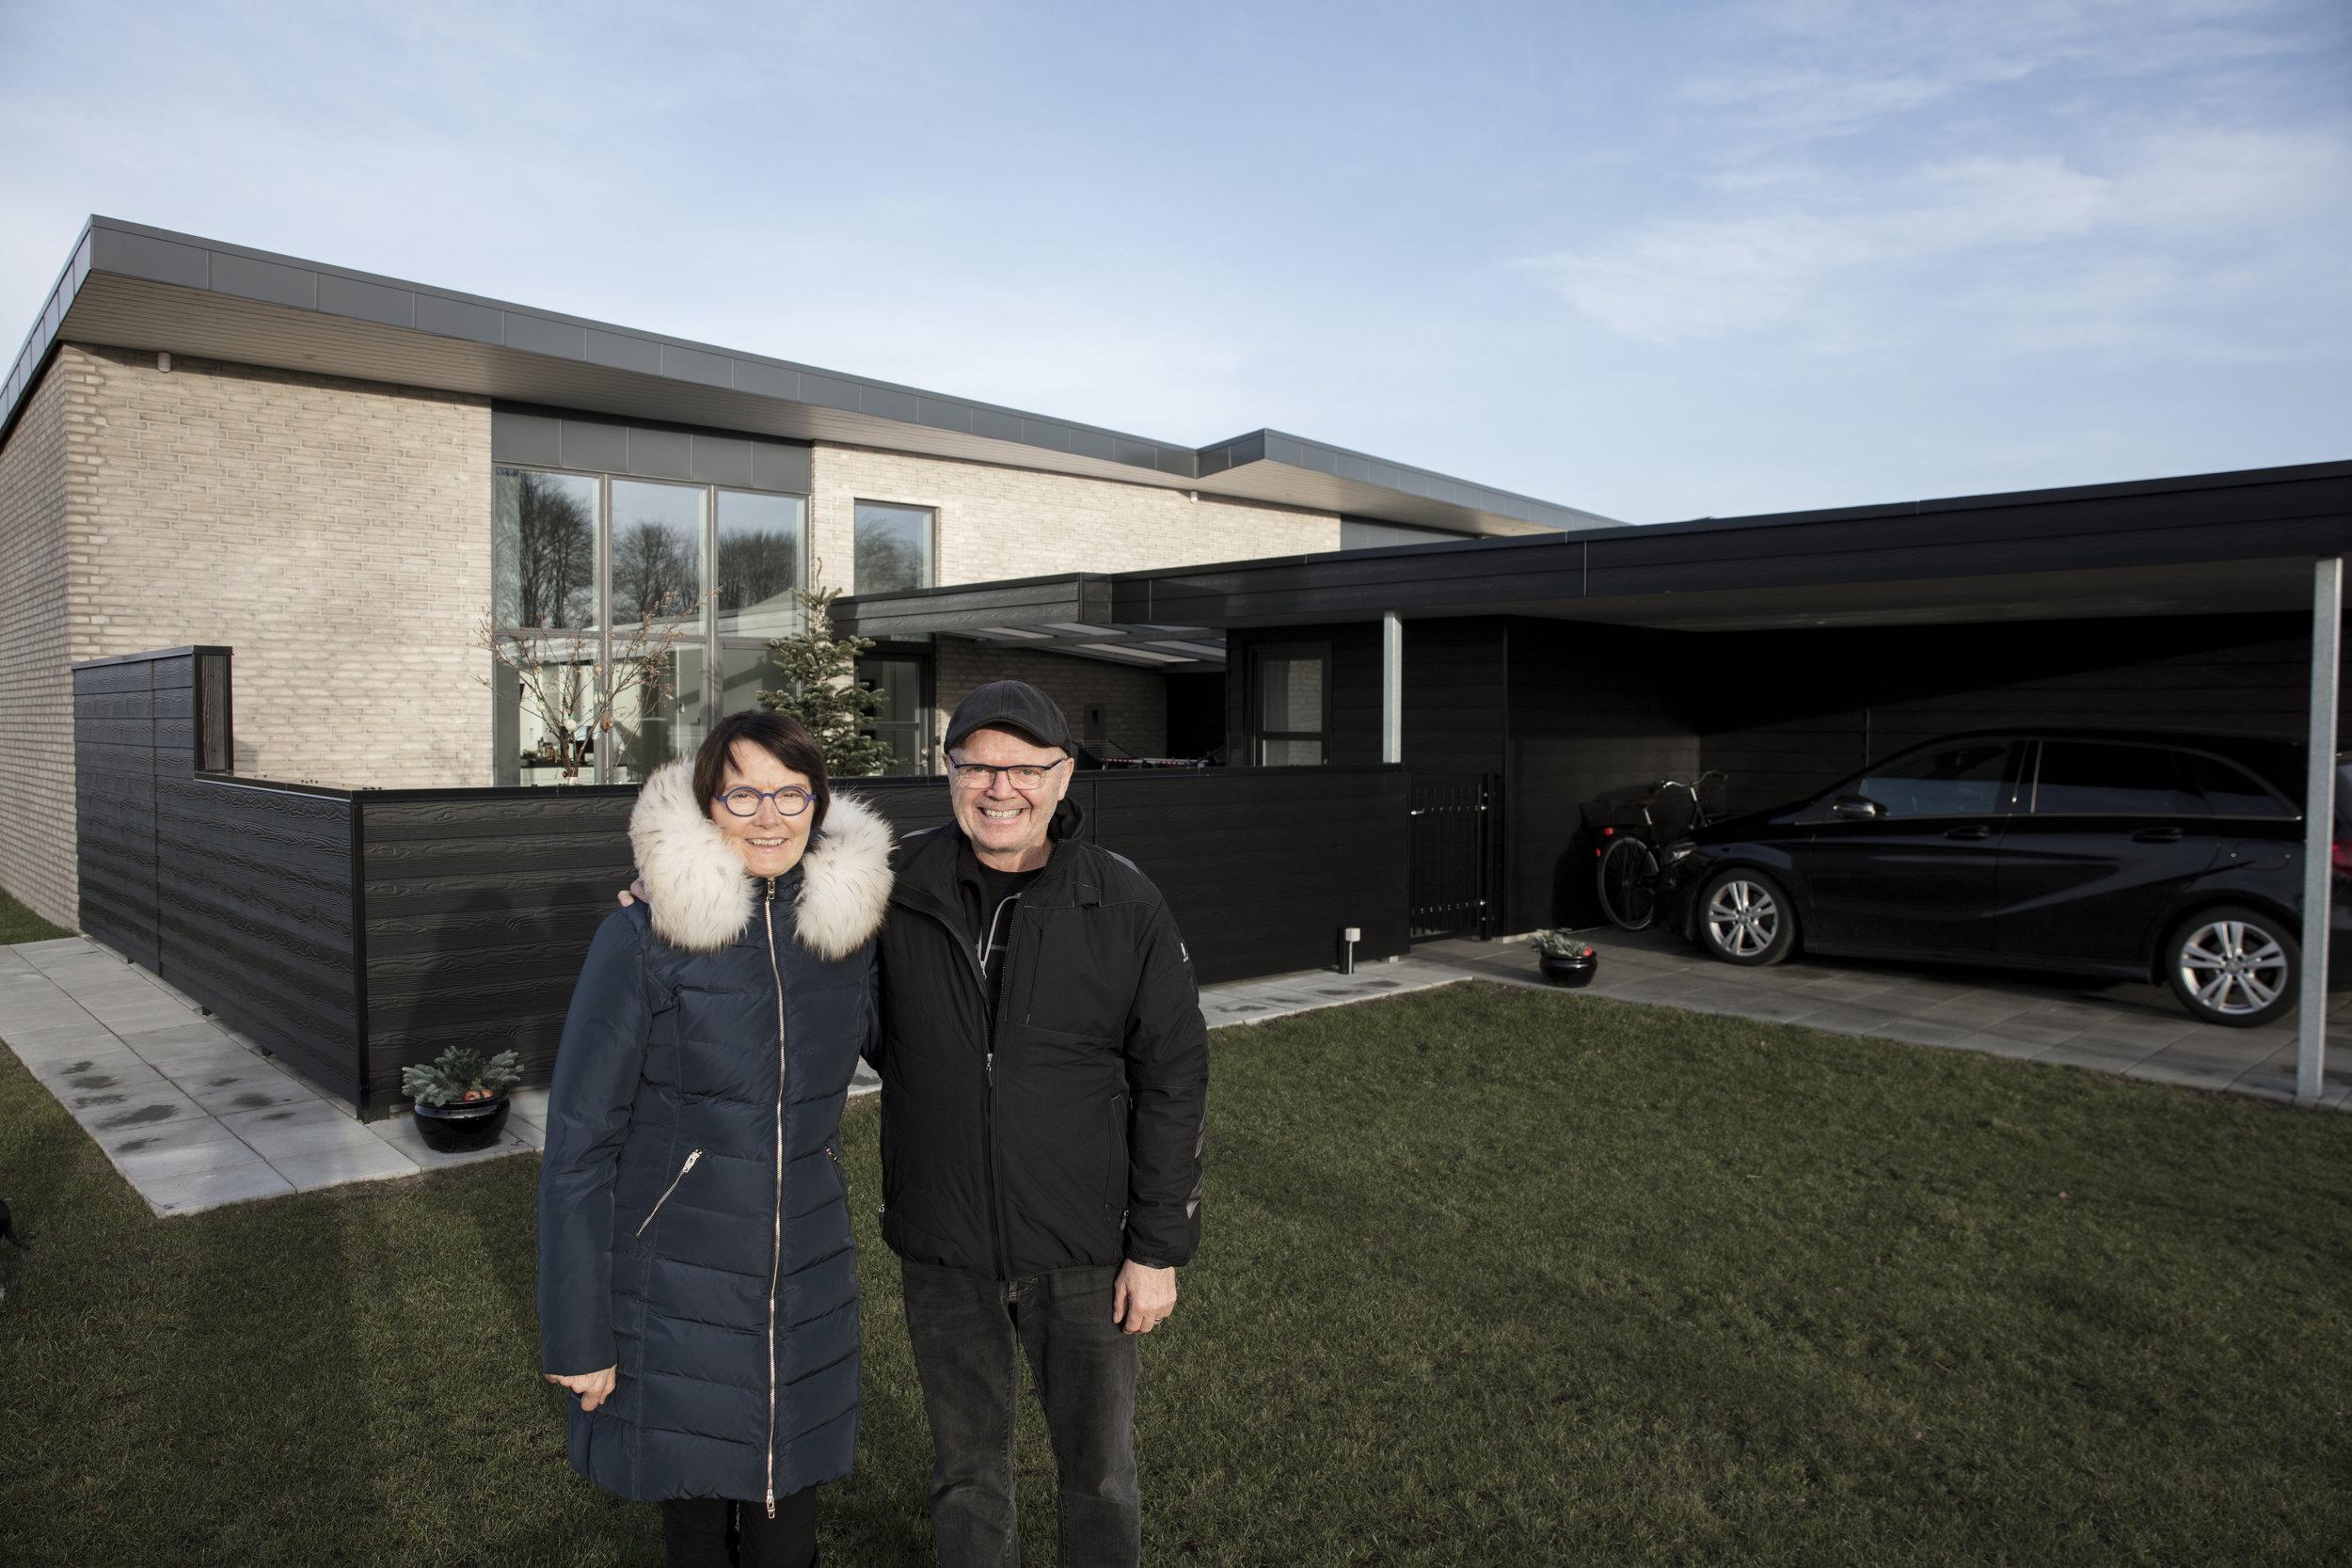 Ninna & Aage i forhaven til deres nye hus på Koustrup Mark i Lind, Herning.